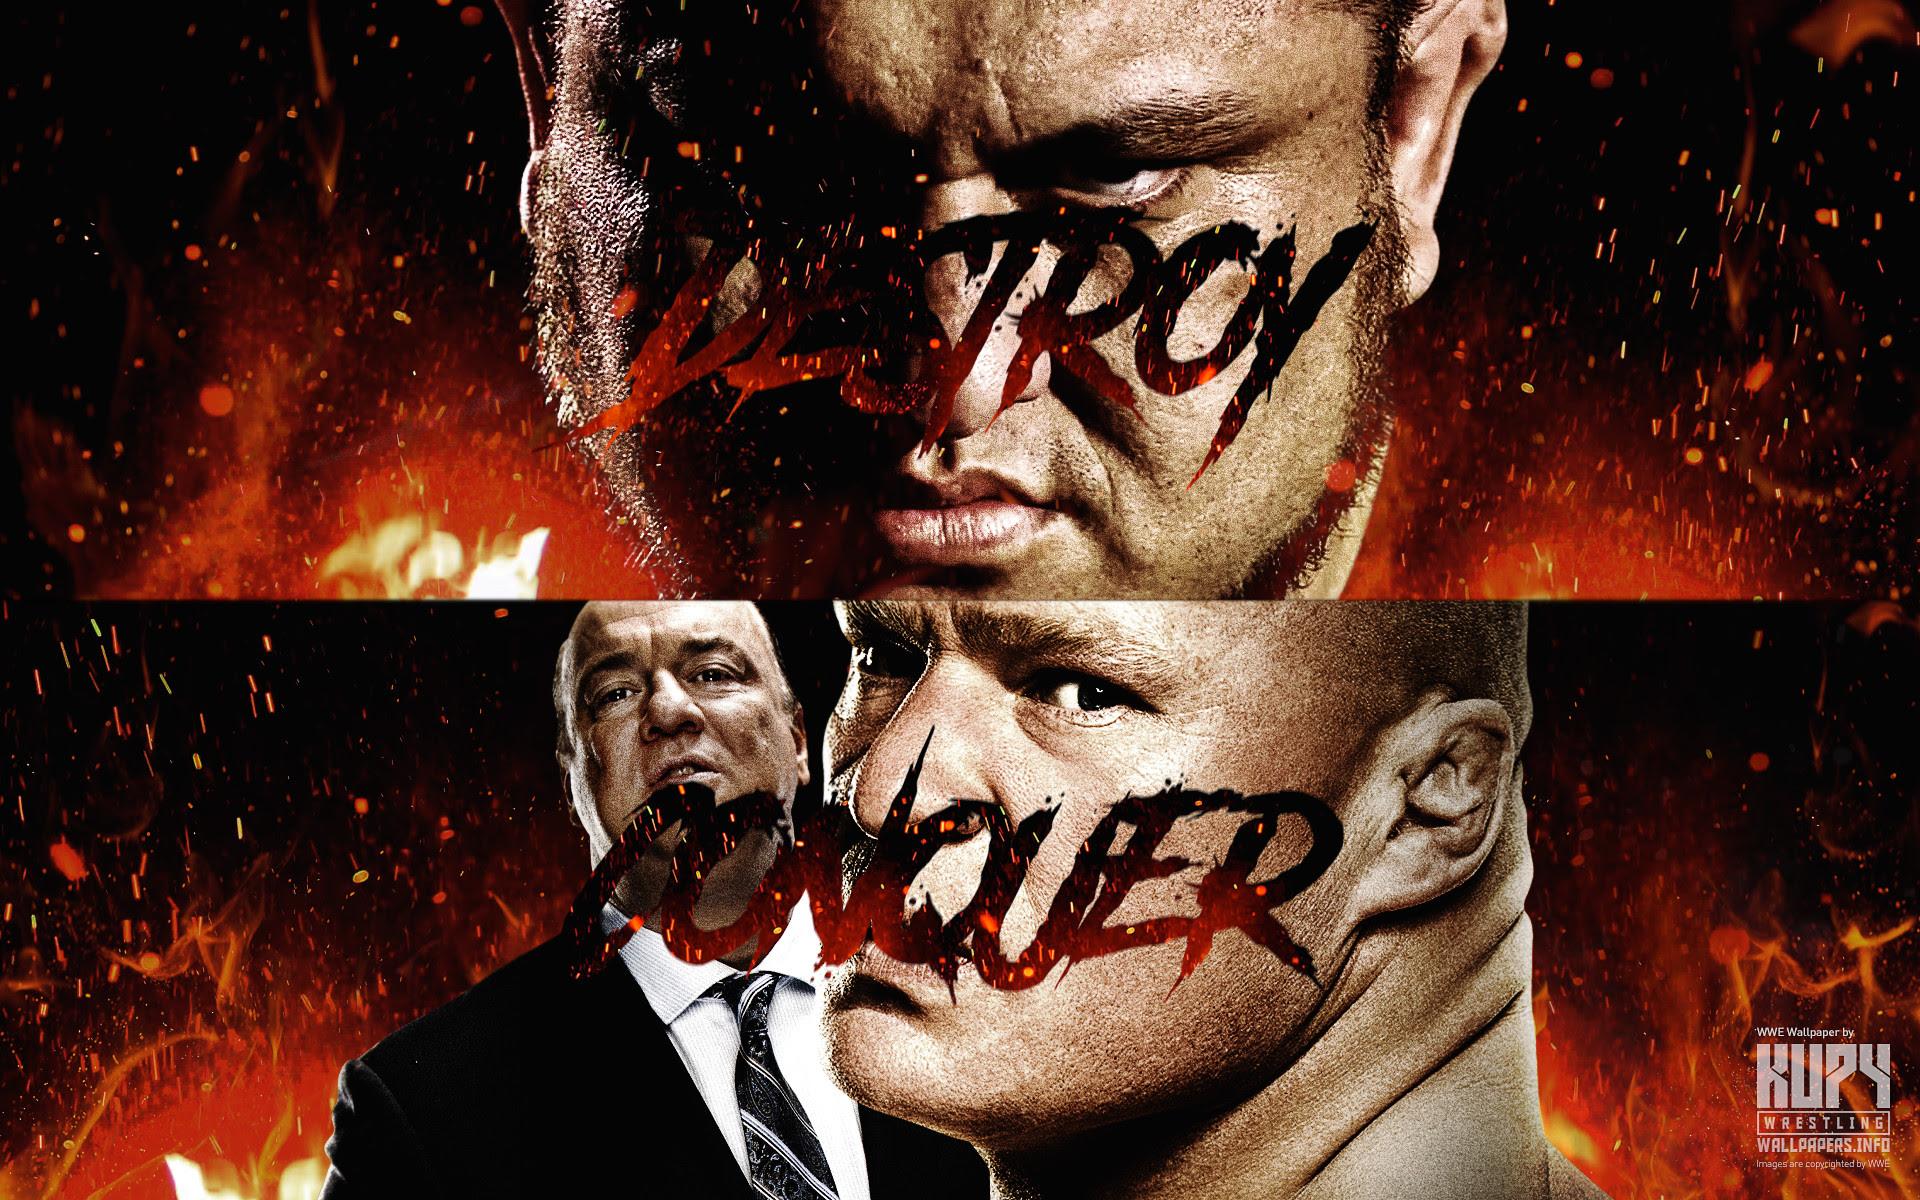 WWE Brock Lesnar New Wallpaper 2018 67  images